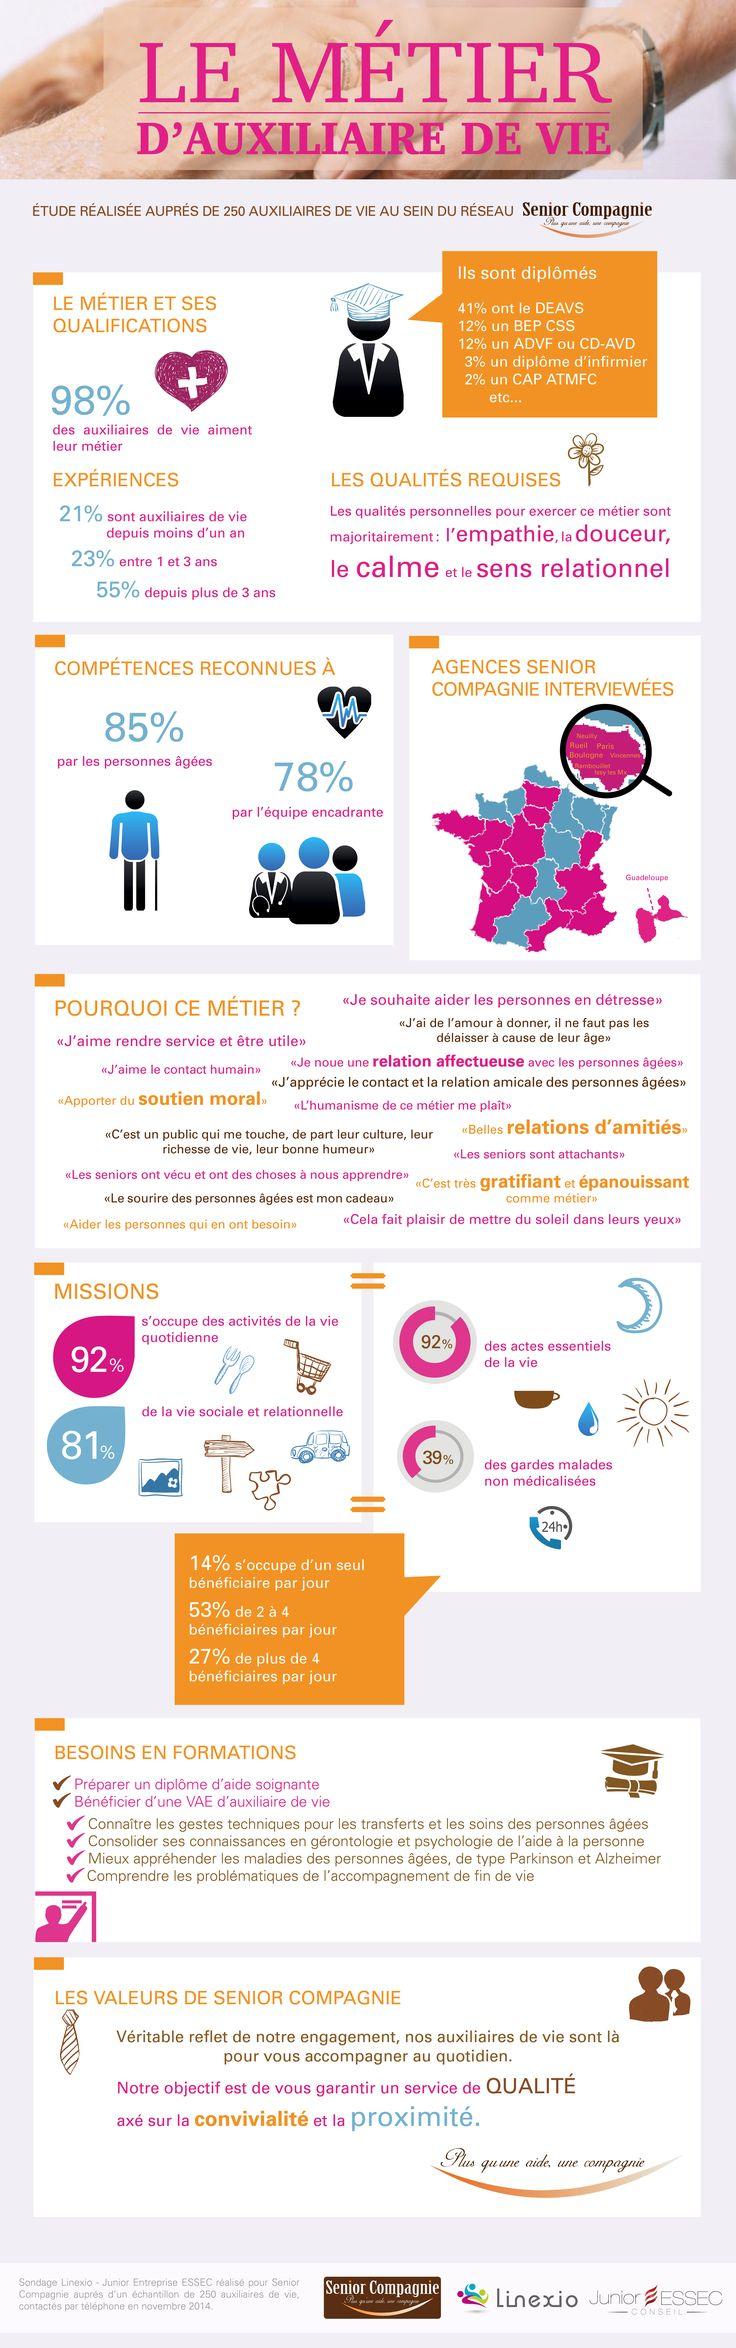 Infographie Senior Compagnie- le métier d'auxiliaire de vie